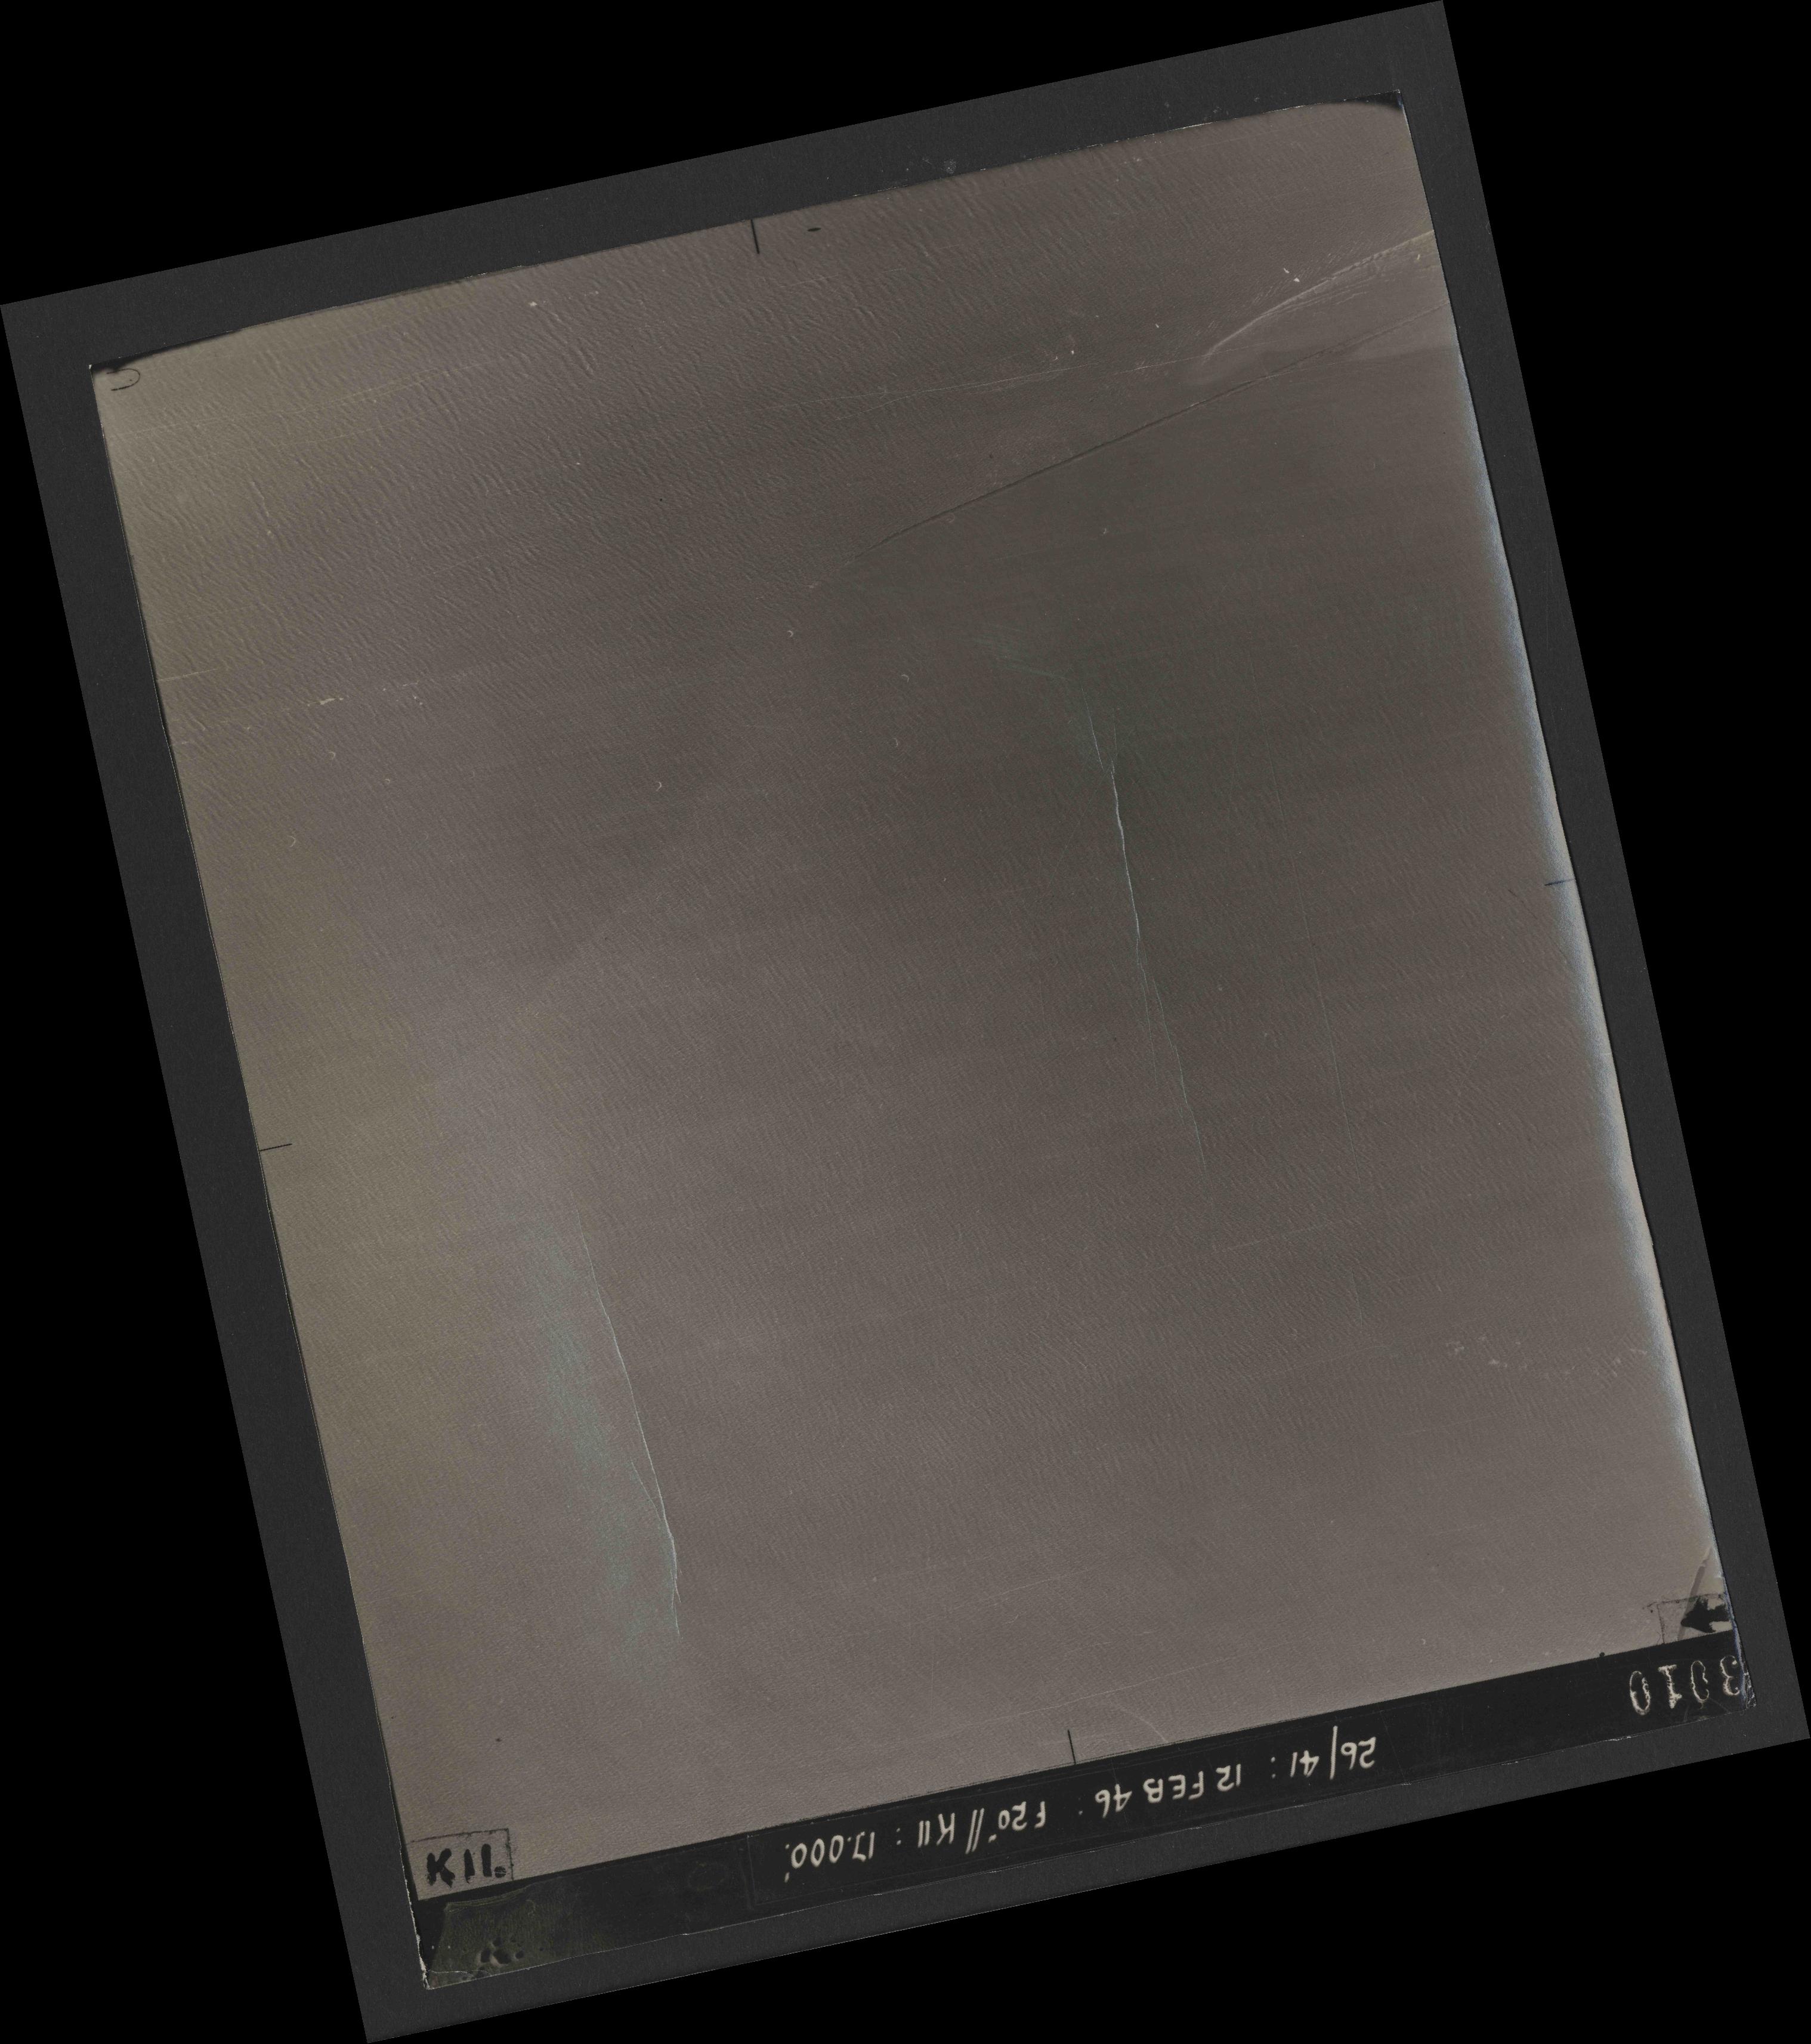 Collection RAF aerial photos 1940-1945 - flight 212, run 05, photo 3010